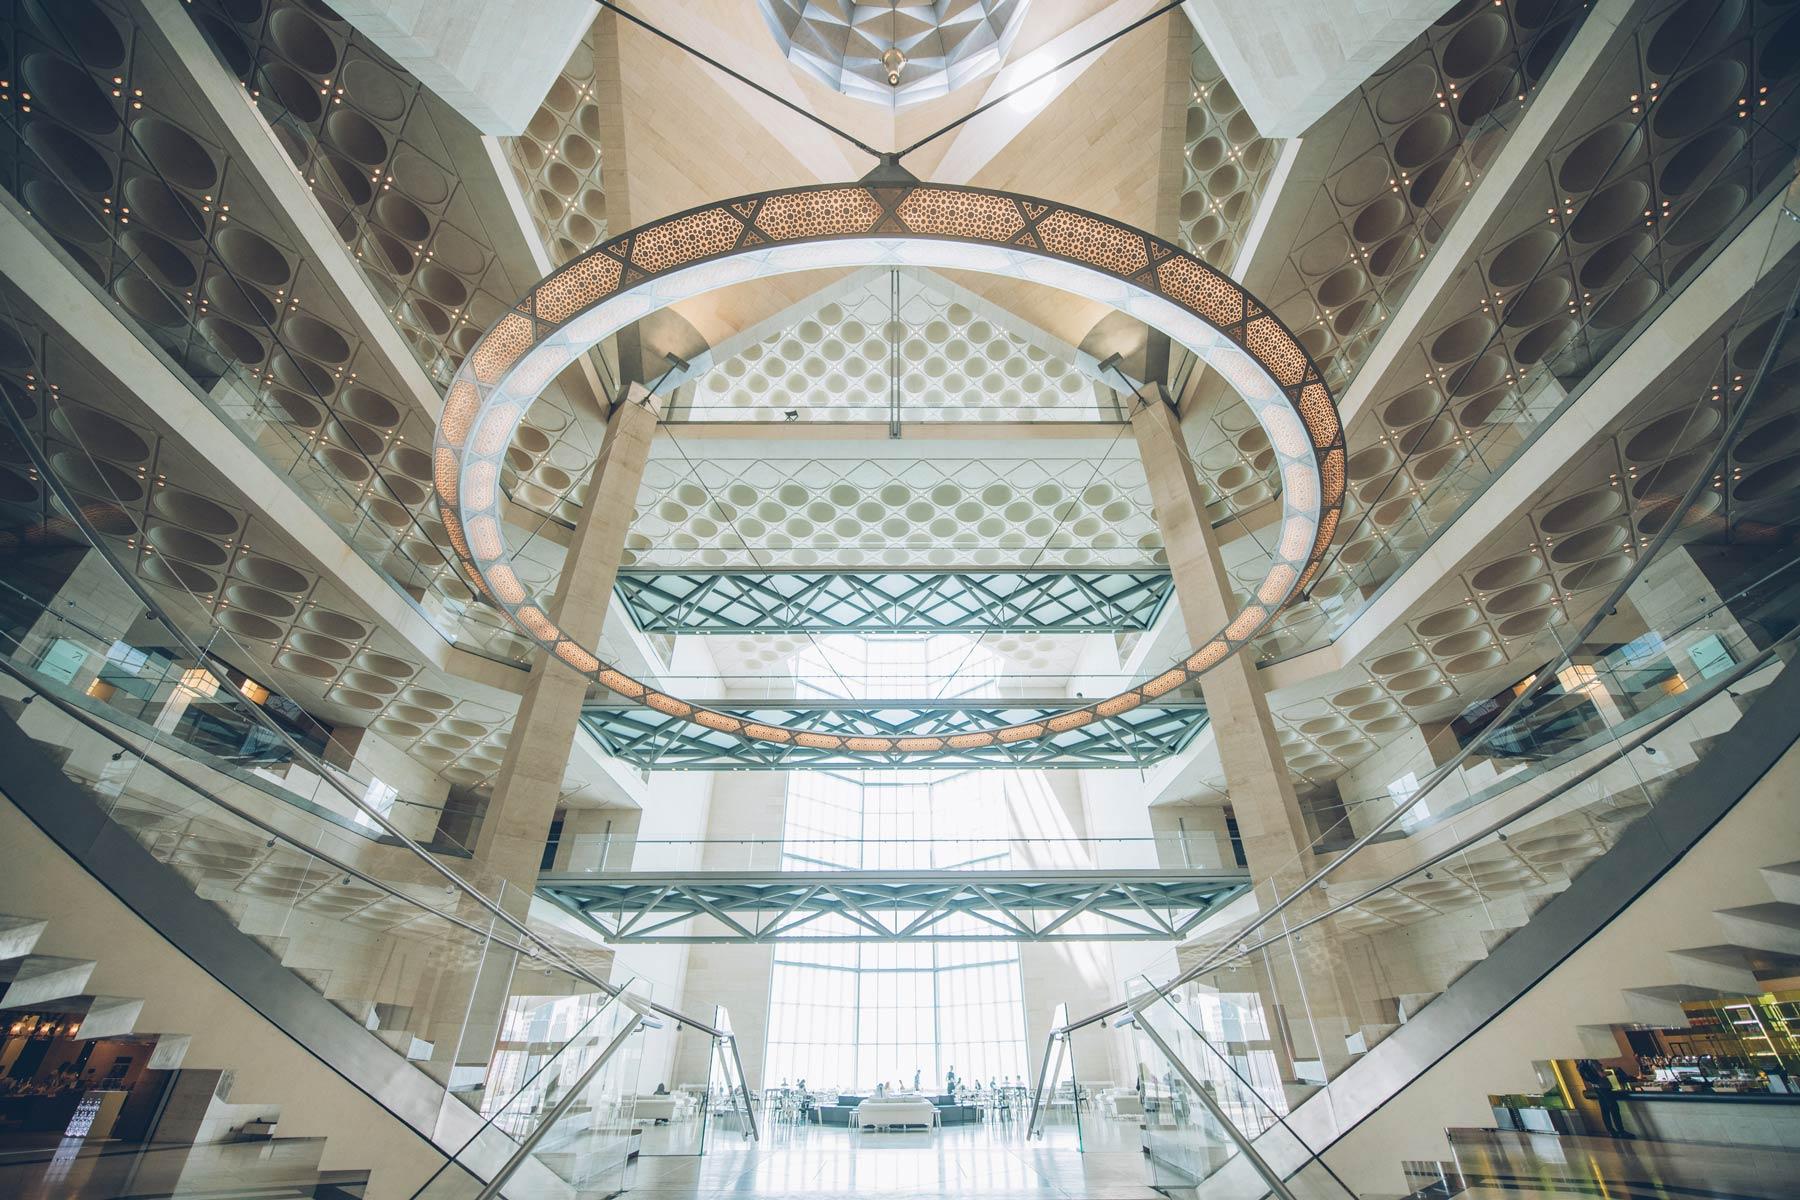 Musée des Arts Islamiques de Doha, Qatar